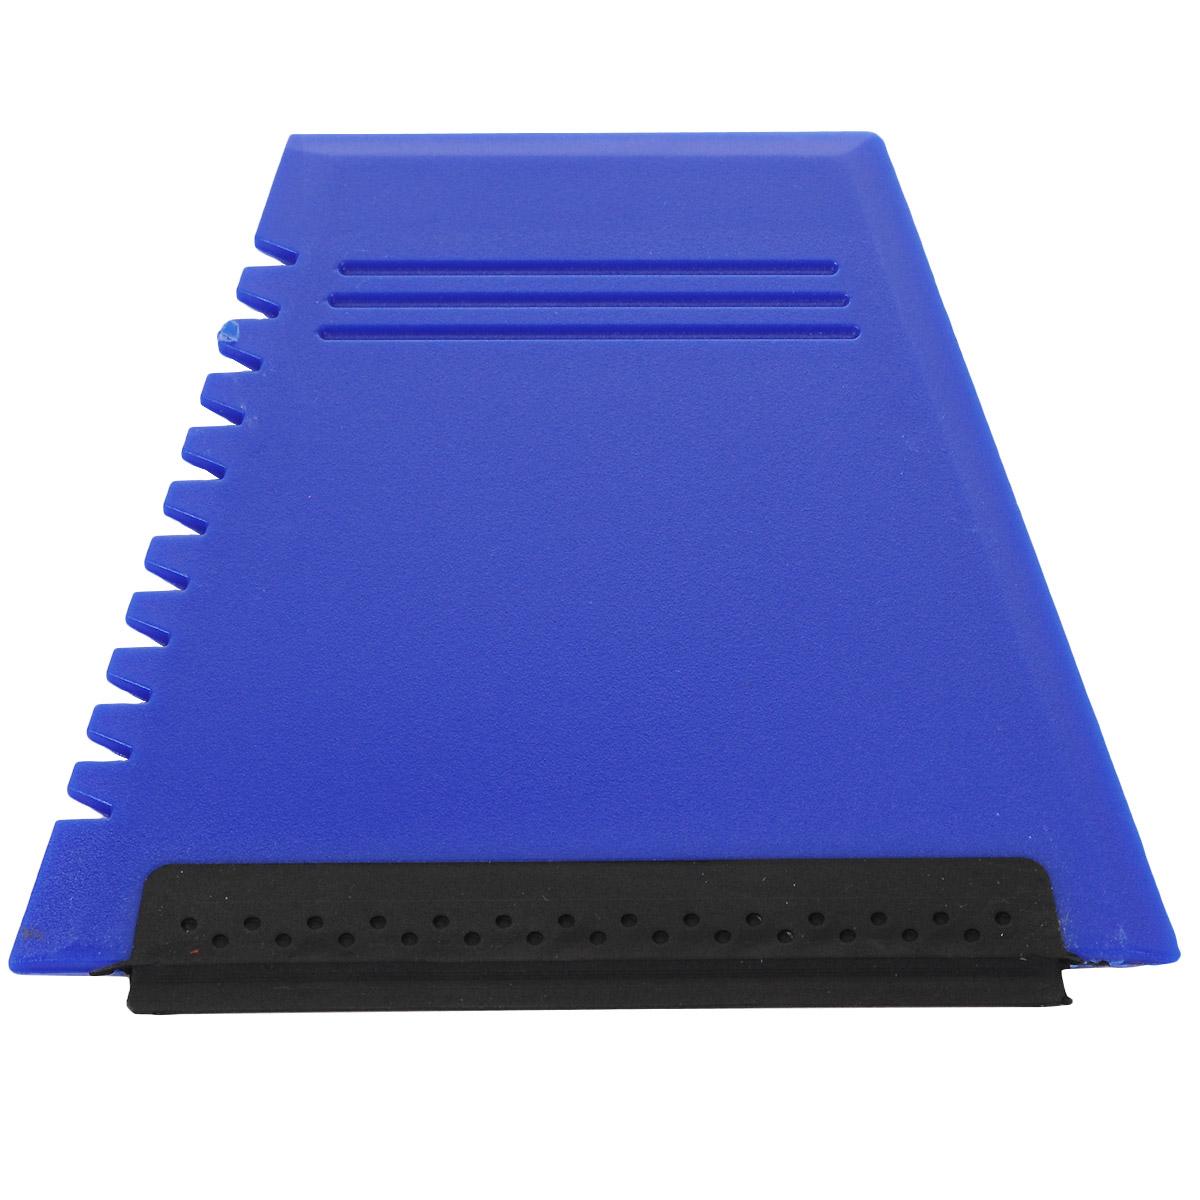 Скребок для уборки снега и льда Clingo, с водосгоном, цвет: синий, 12 x 11 смCSR-06Удобный в использовании и хранении скребок Clingo легко справиться со льдом и снегом. С водосгоном.